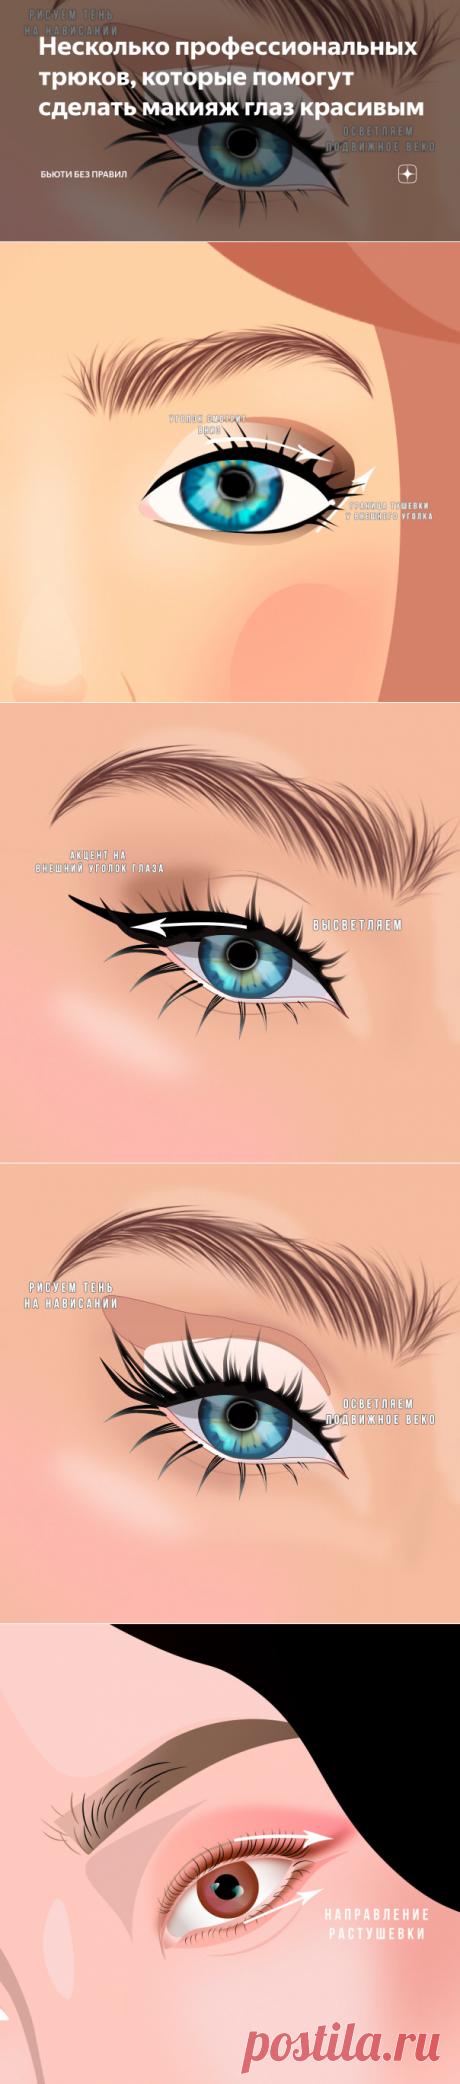 Несколько профессиональных трюков, которые помогут сделать макияж глаз красивым | Бьюти Без Правил | Яндекс Дзен